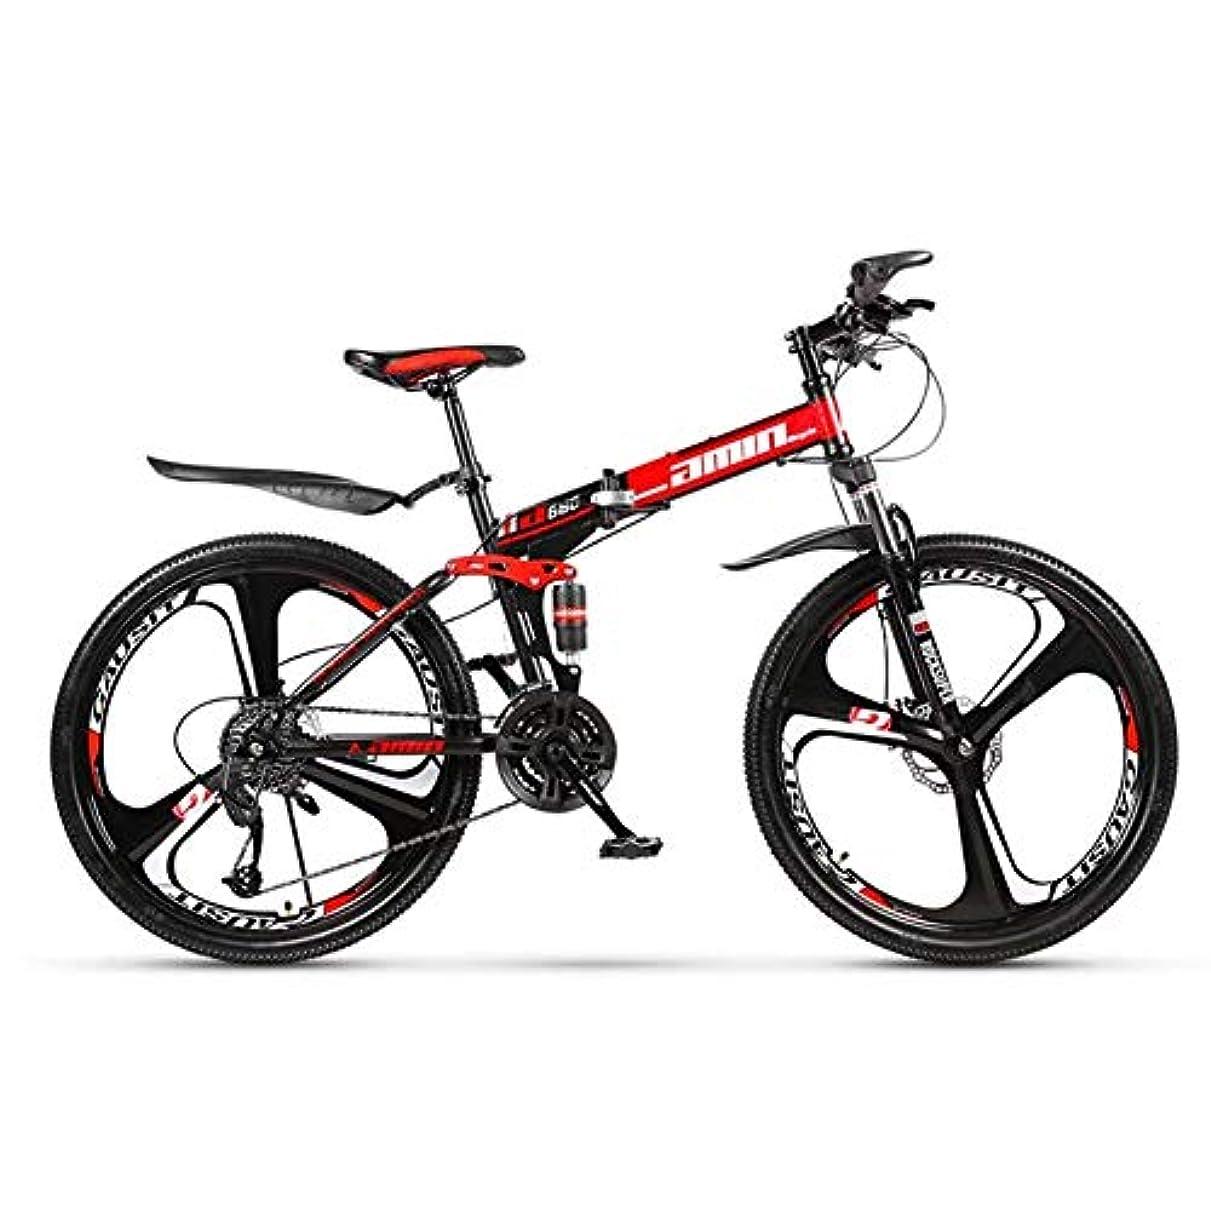 レルム明らかにする体細胞AUKLMコンフォートバイクエアロビックエクササイズマウンテンバイク26インチメンシティ自転車大人用女性ティーンユニセックス、調整可能なシート付き、軽量、アルミニウム合金、コンフォートサドル